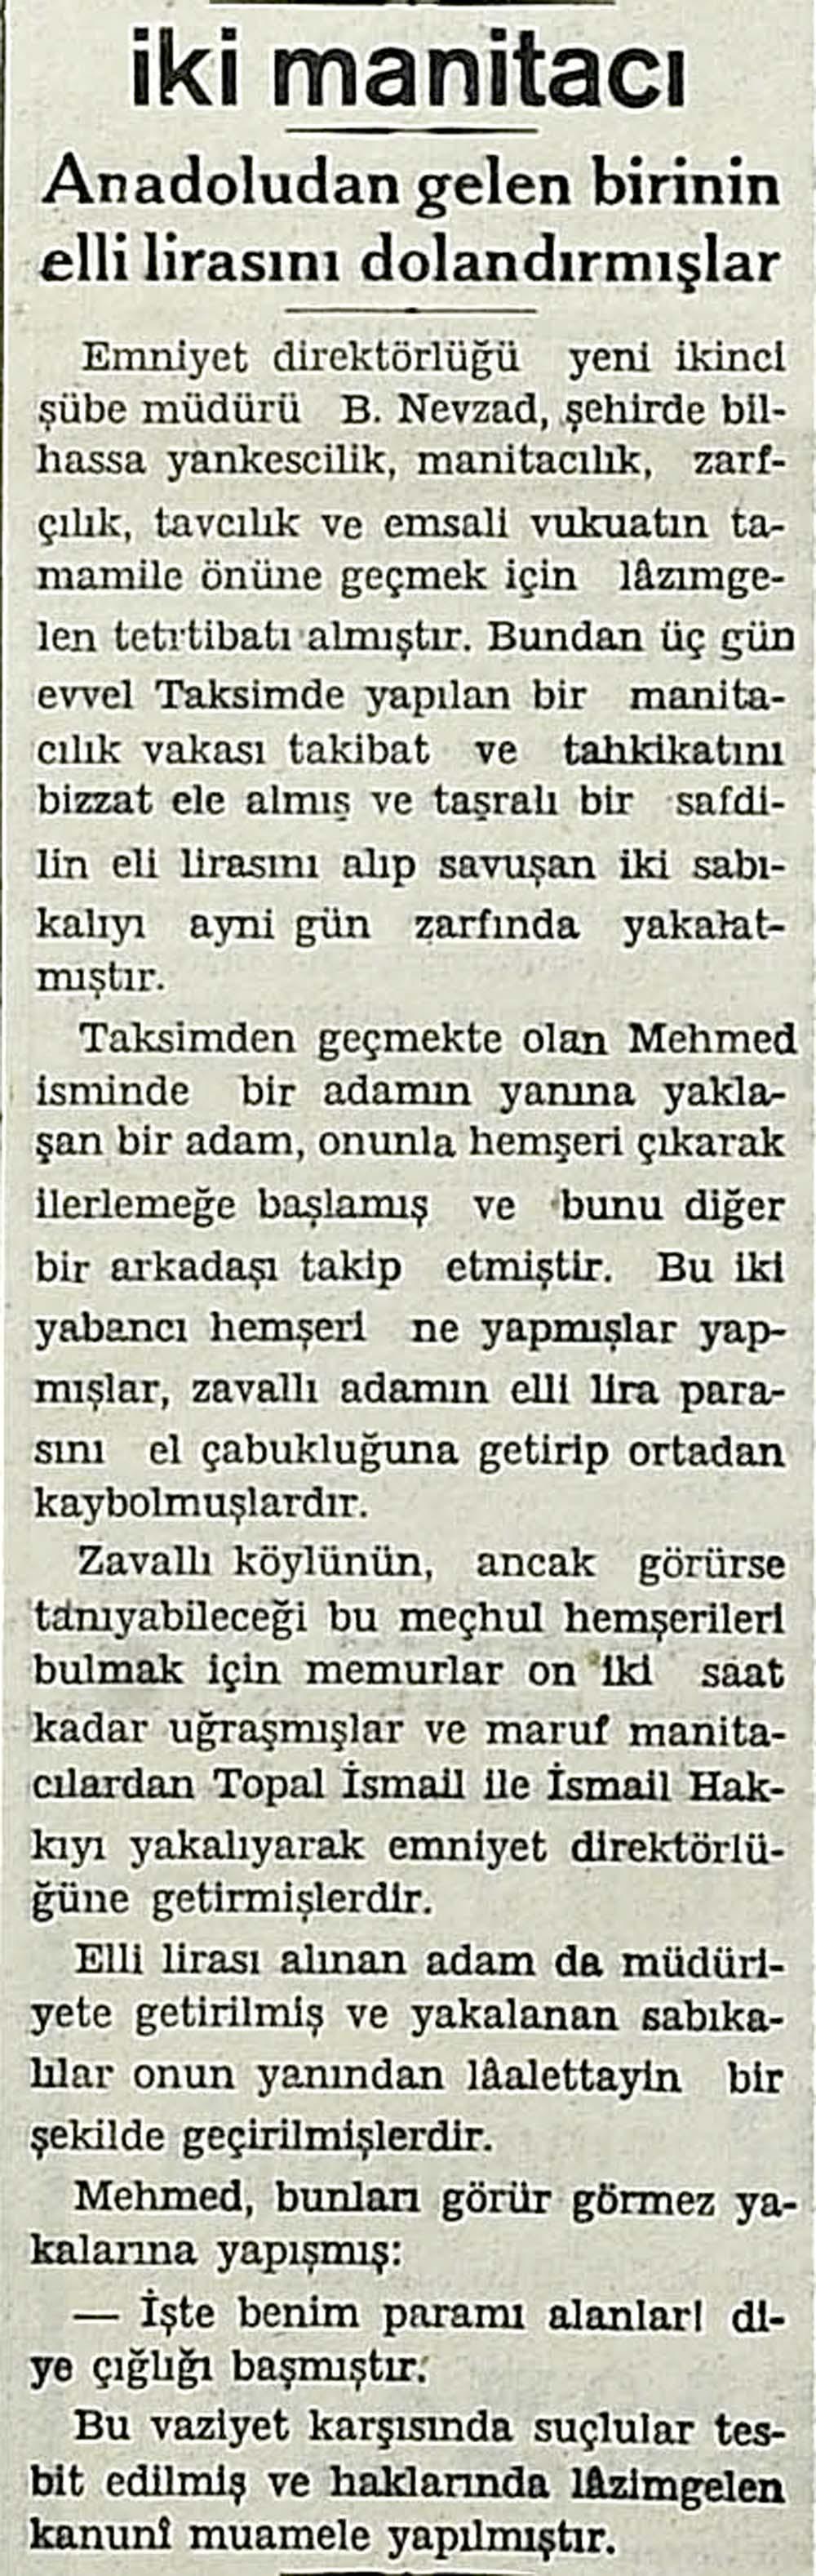 iki manitacı: Anadoludan gelen birinin elli lirasını dolandırmışlar